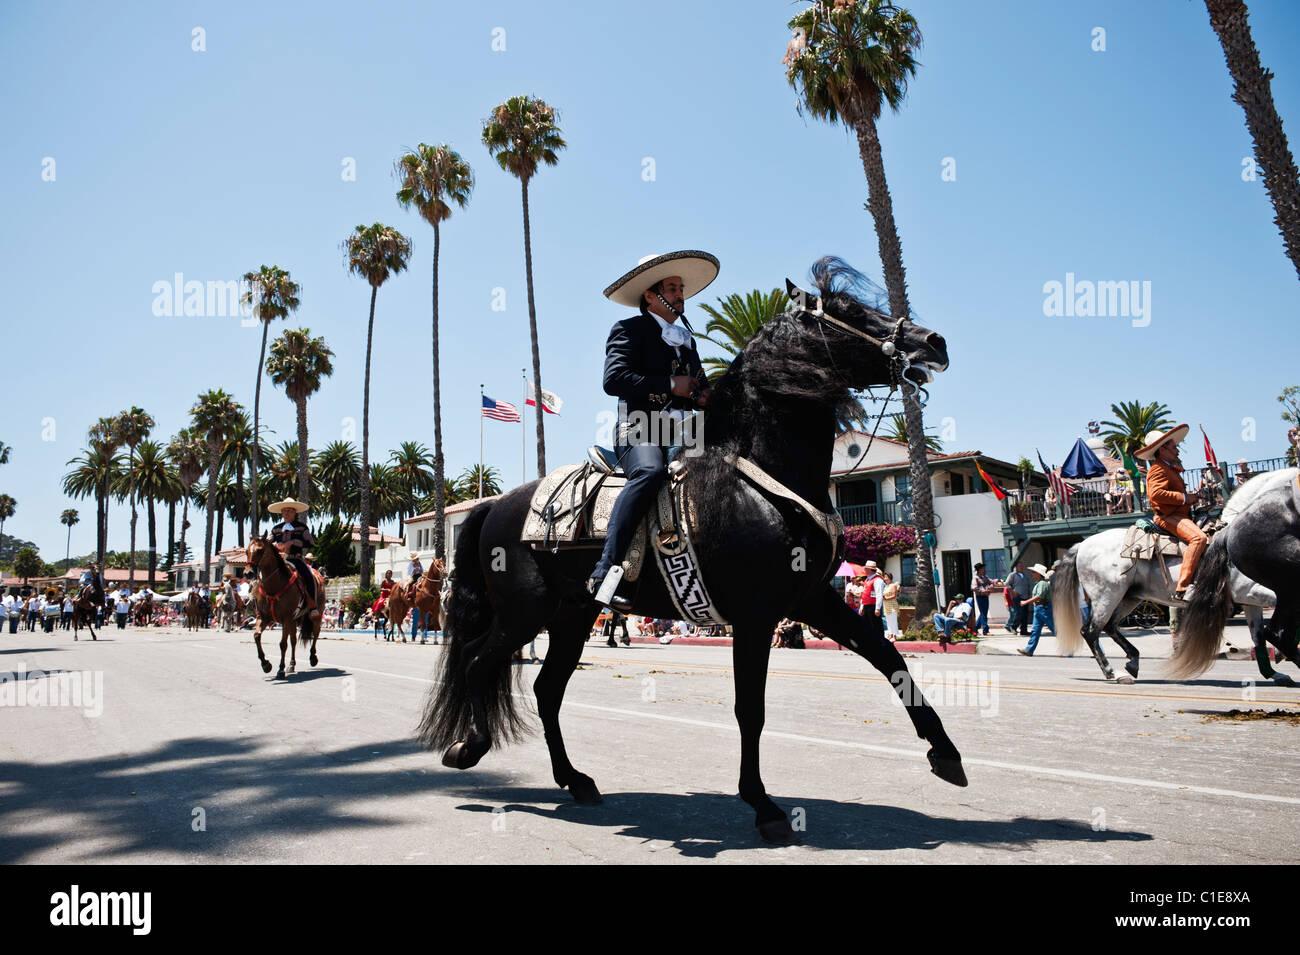 Jinete en traje tradicional desfile en fiesta, Santa Bárbara, California, EE.UU. Imagen De Stock